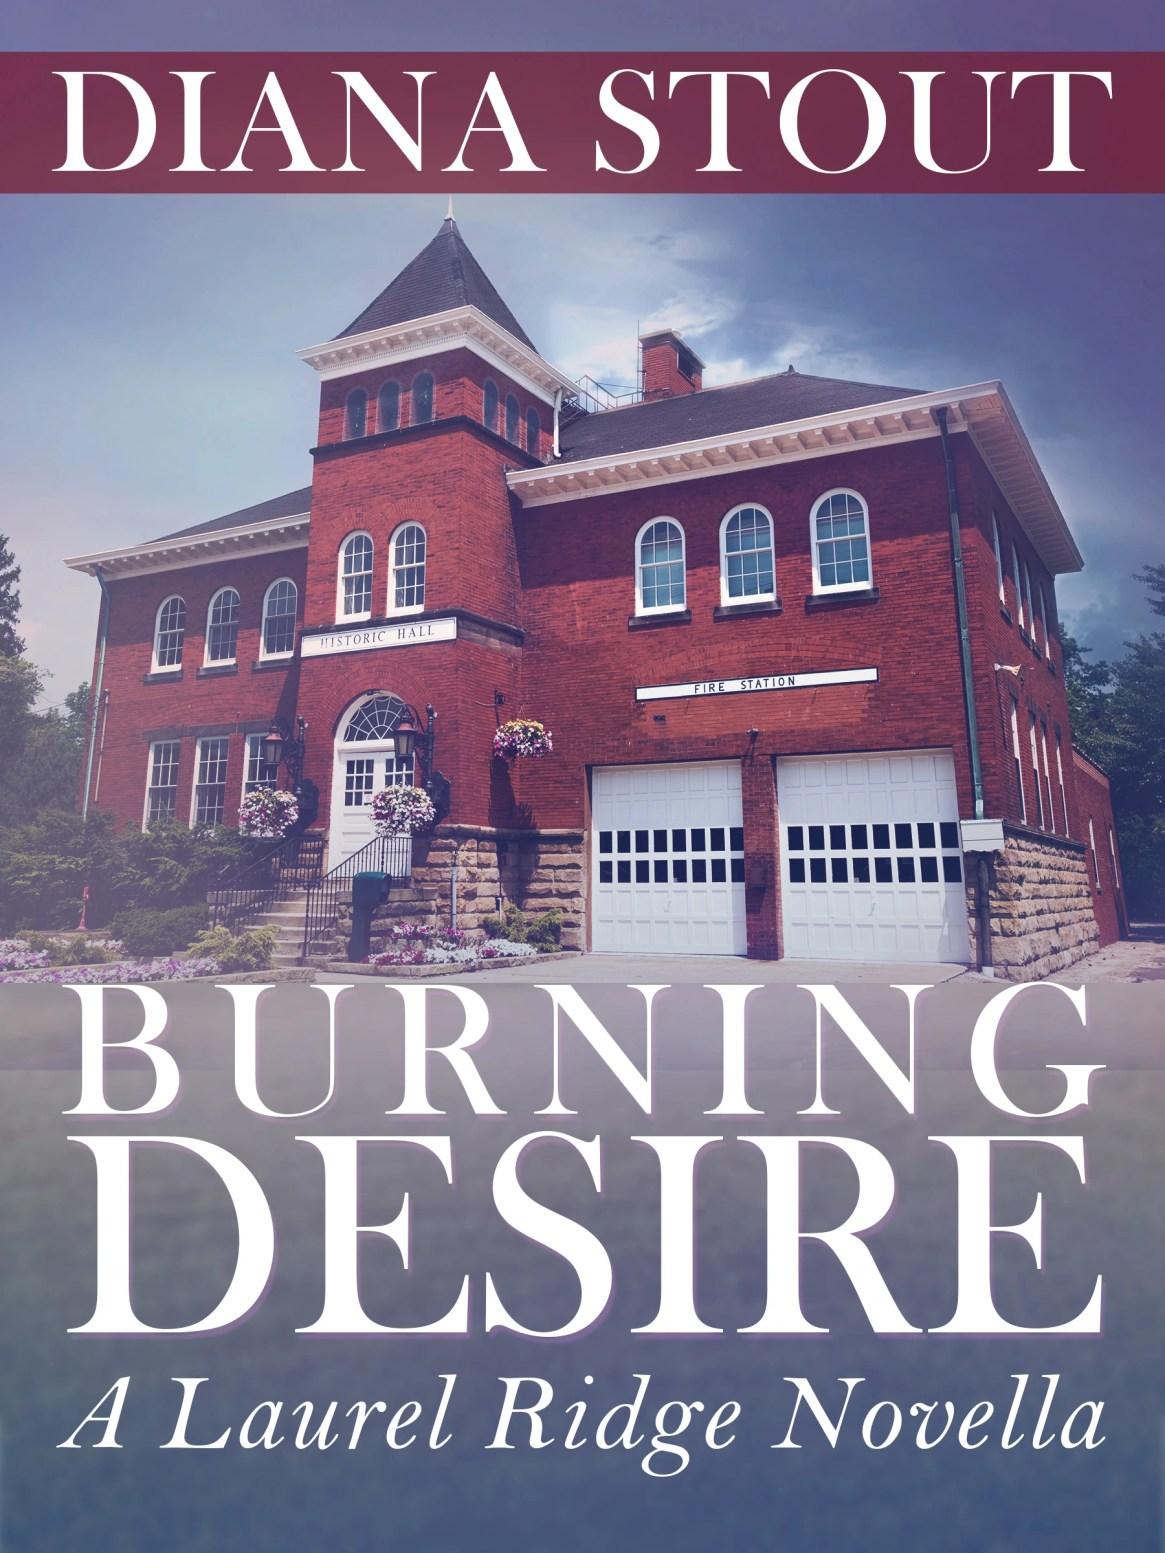 #Final #2 Burning Desire 7 - THE WINNER